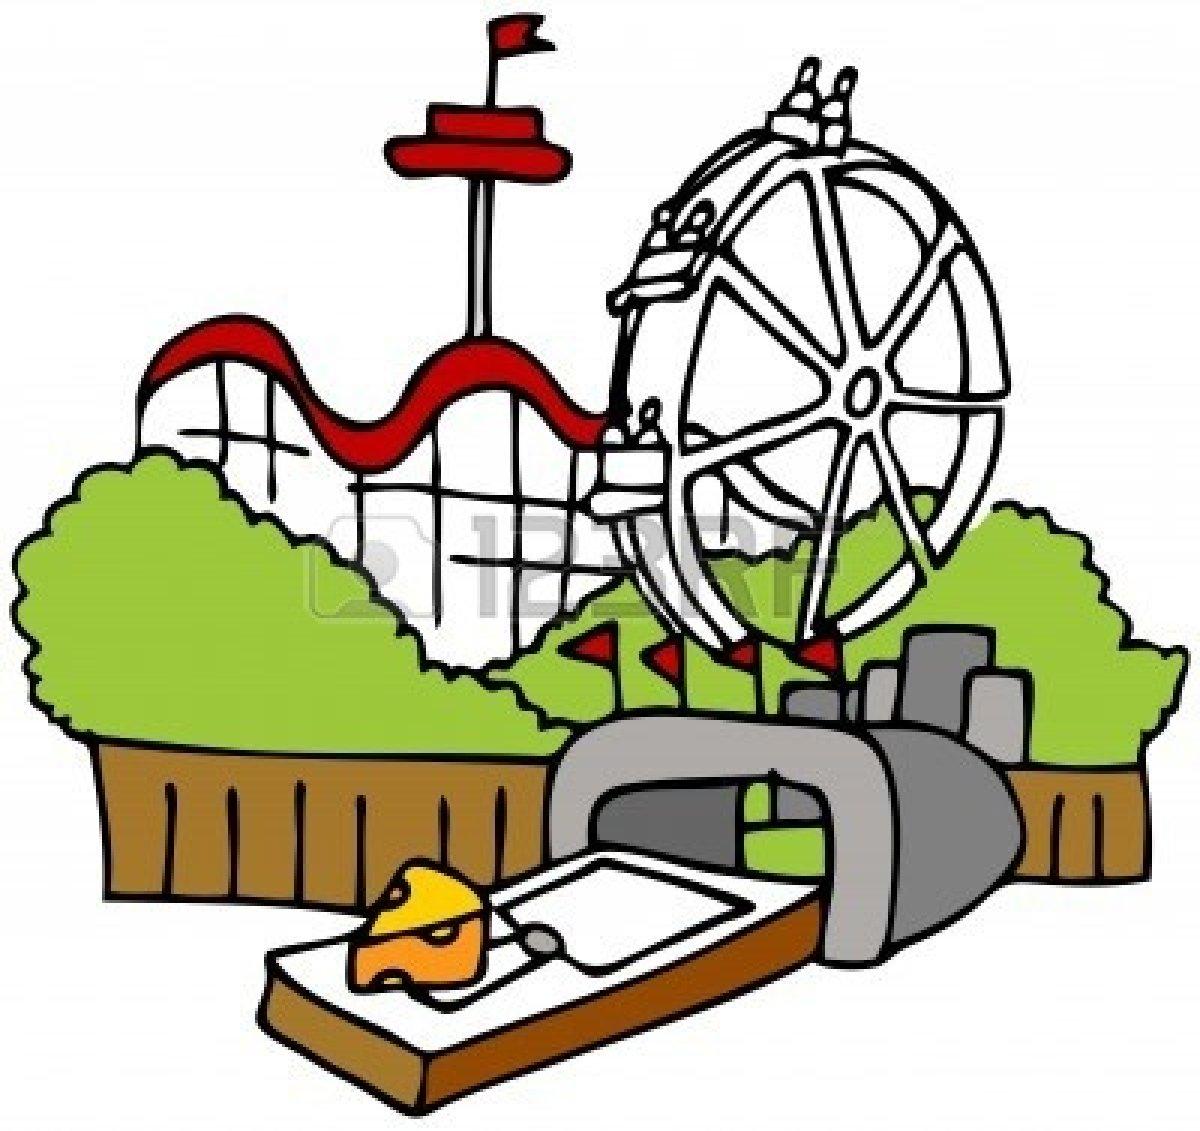 Amusement park clipart clipartfox 2.